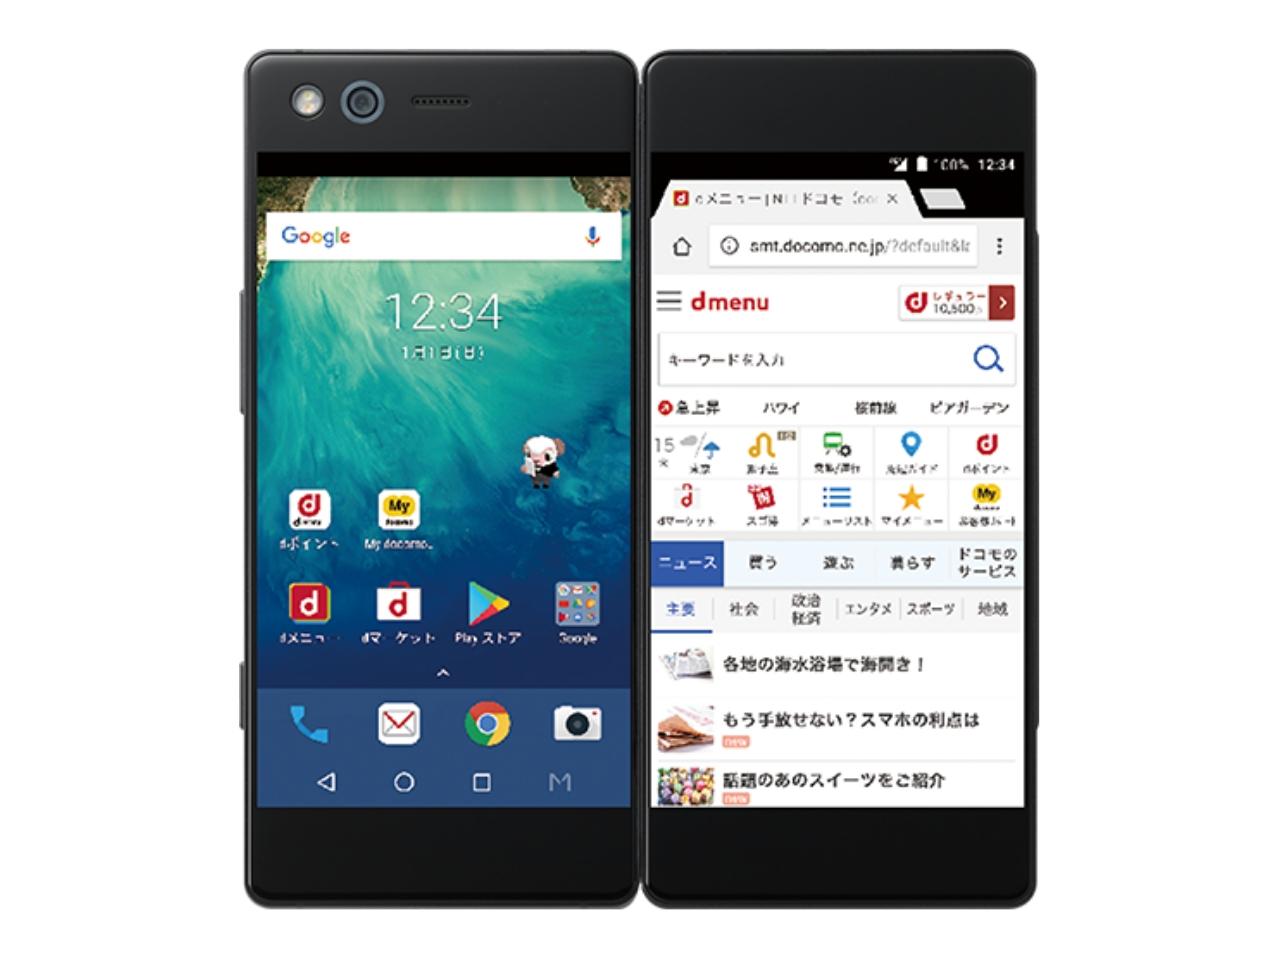 ドコモが2画面搭載のAndroidスマートフォン「M Z-01K」を発売!